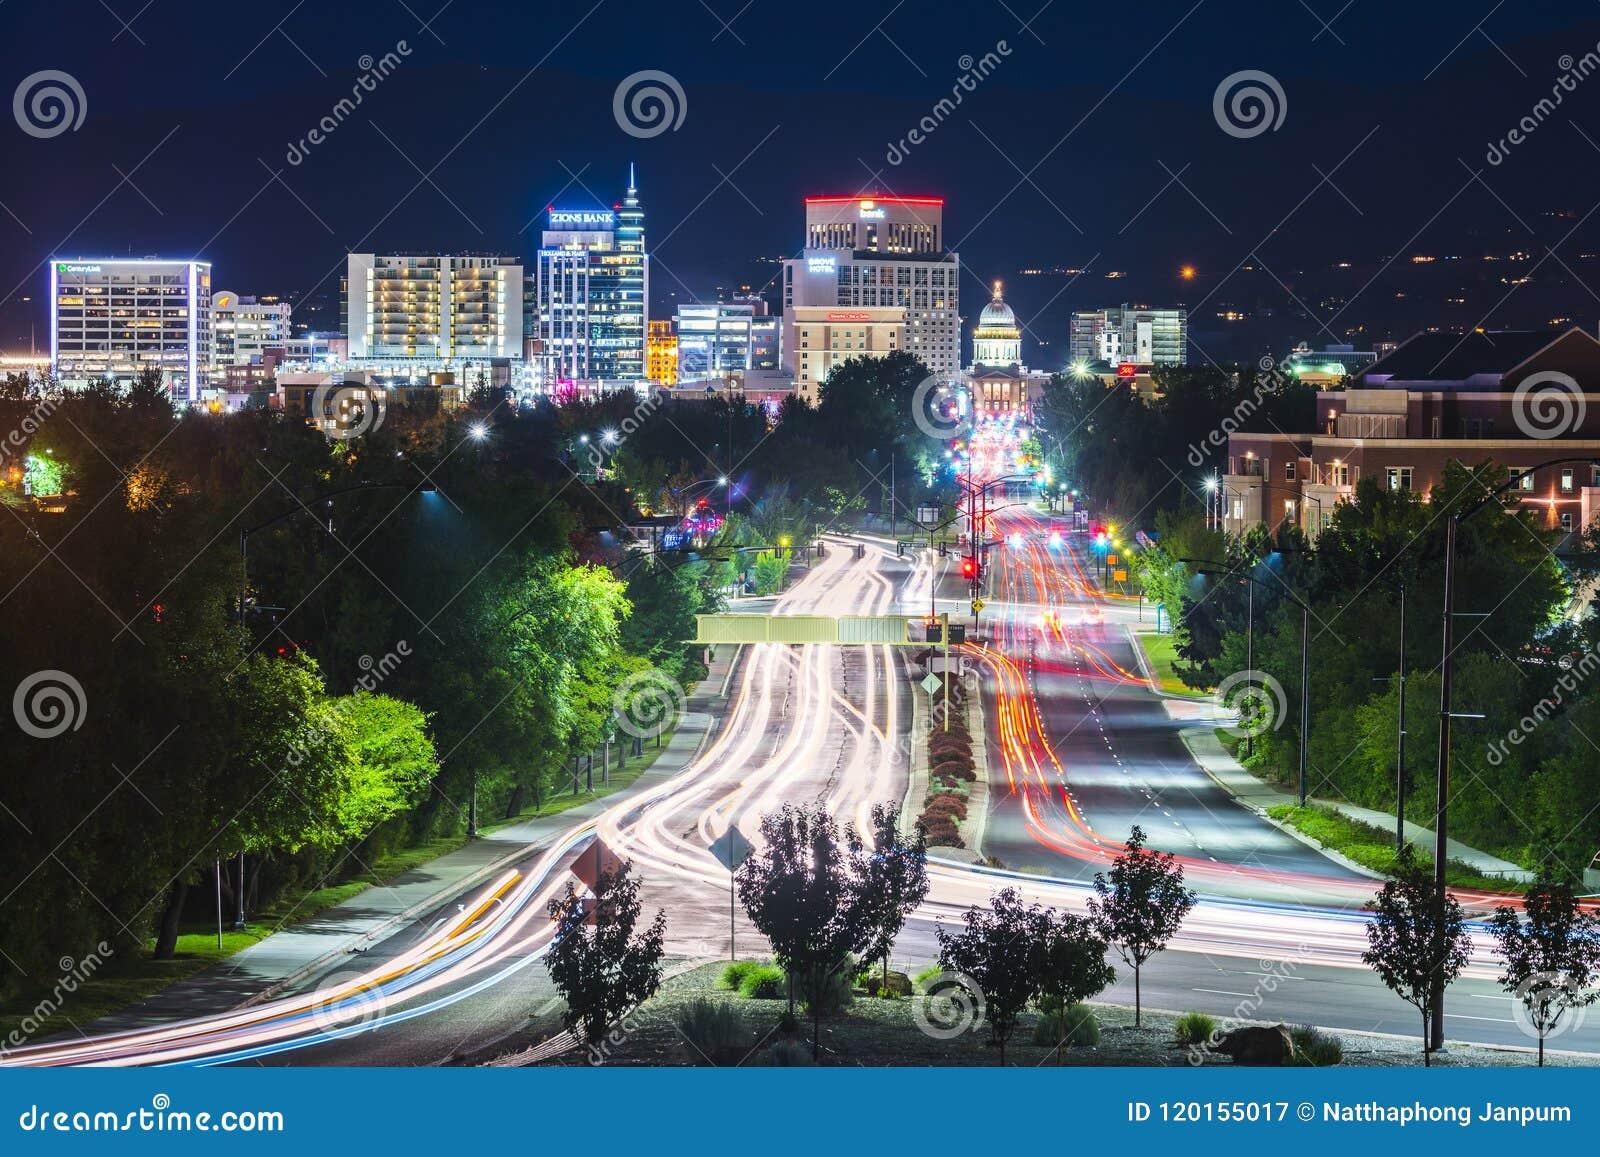 Boise, Idaho, usa 2017/06/15: Boise pejzaż miejski przy nocą z traff